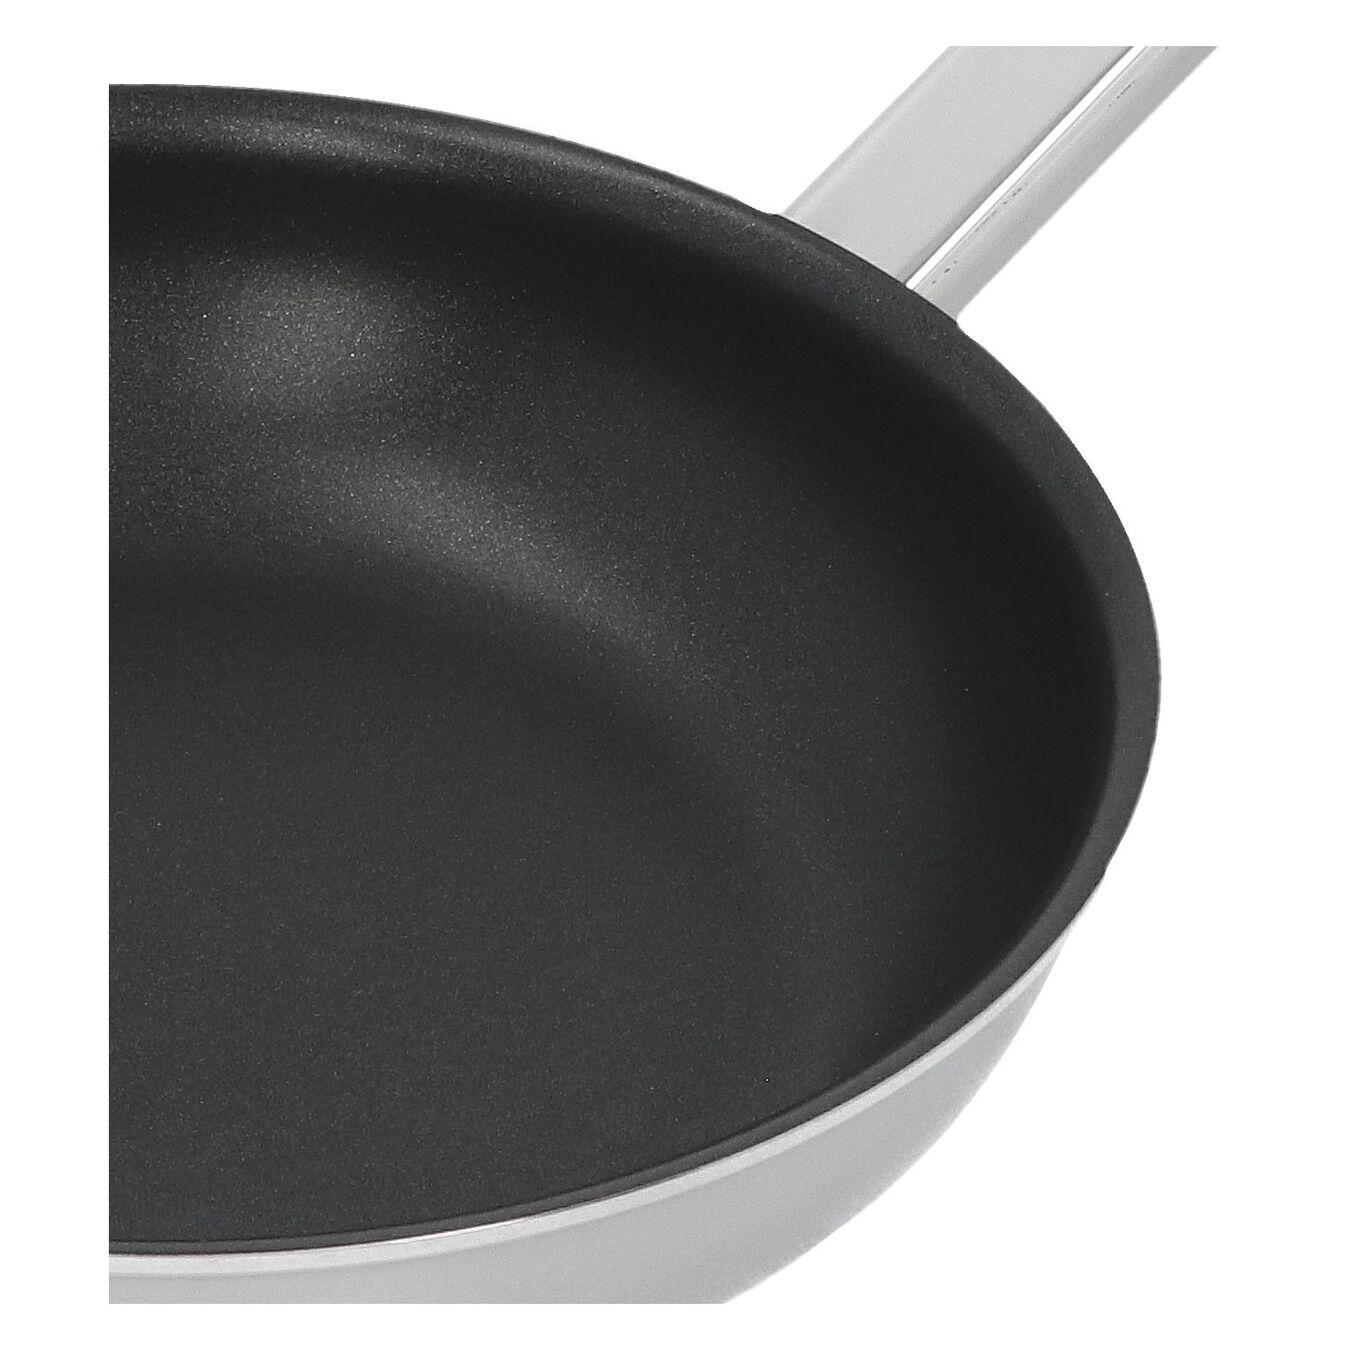 Stegepander 20 cm, 18/10 rustfrit stål, Sølv-Sort,,large 2